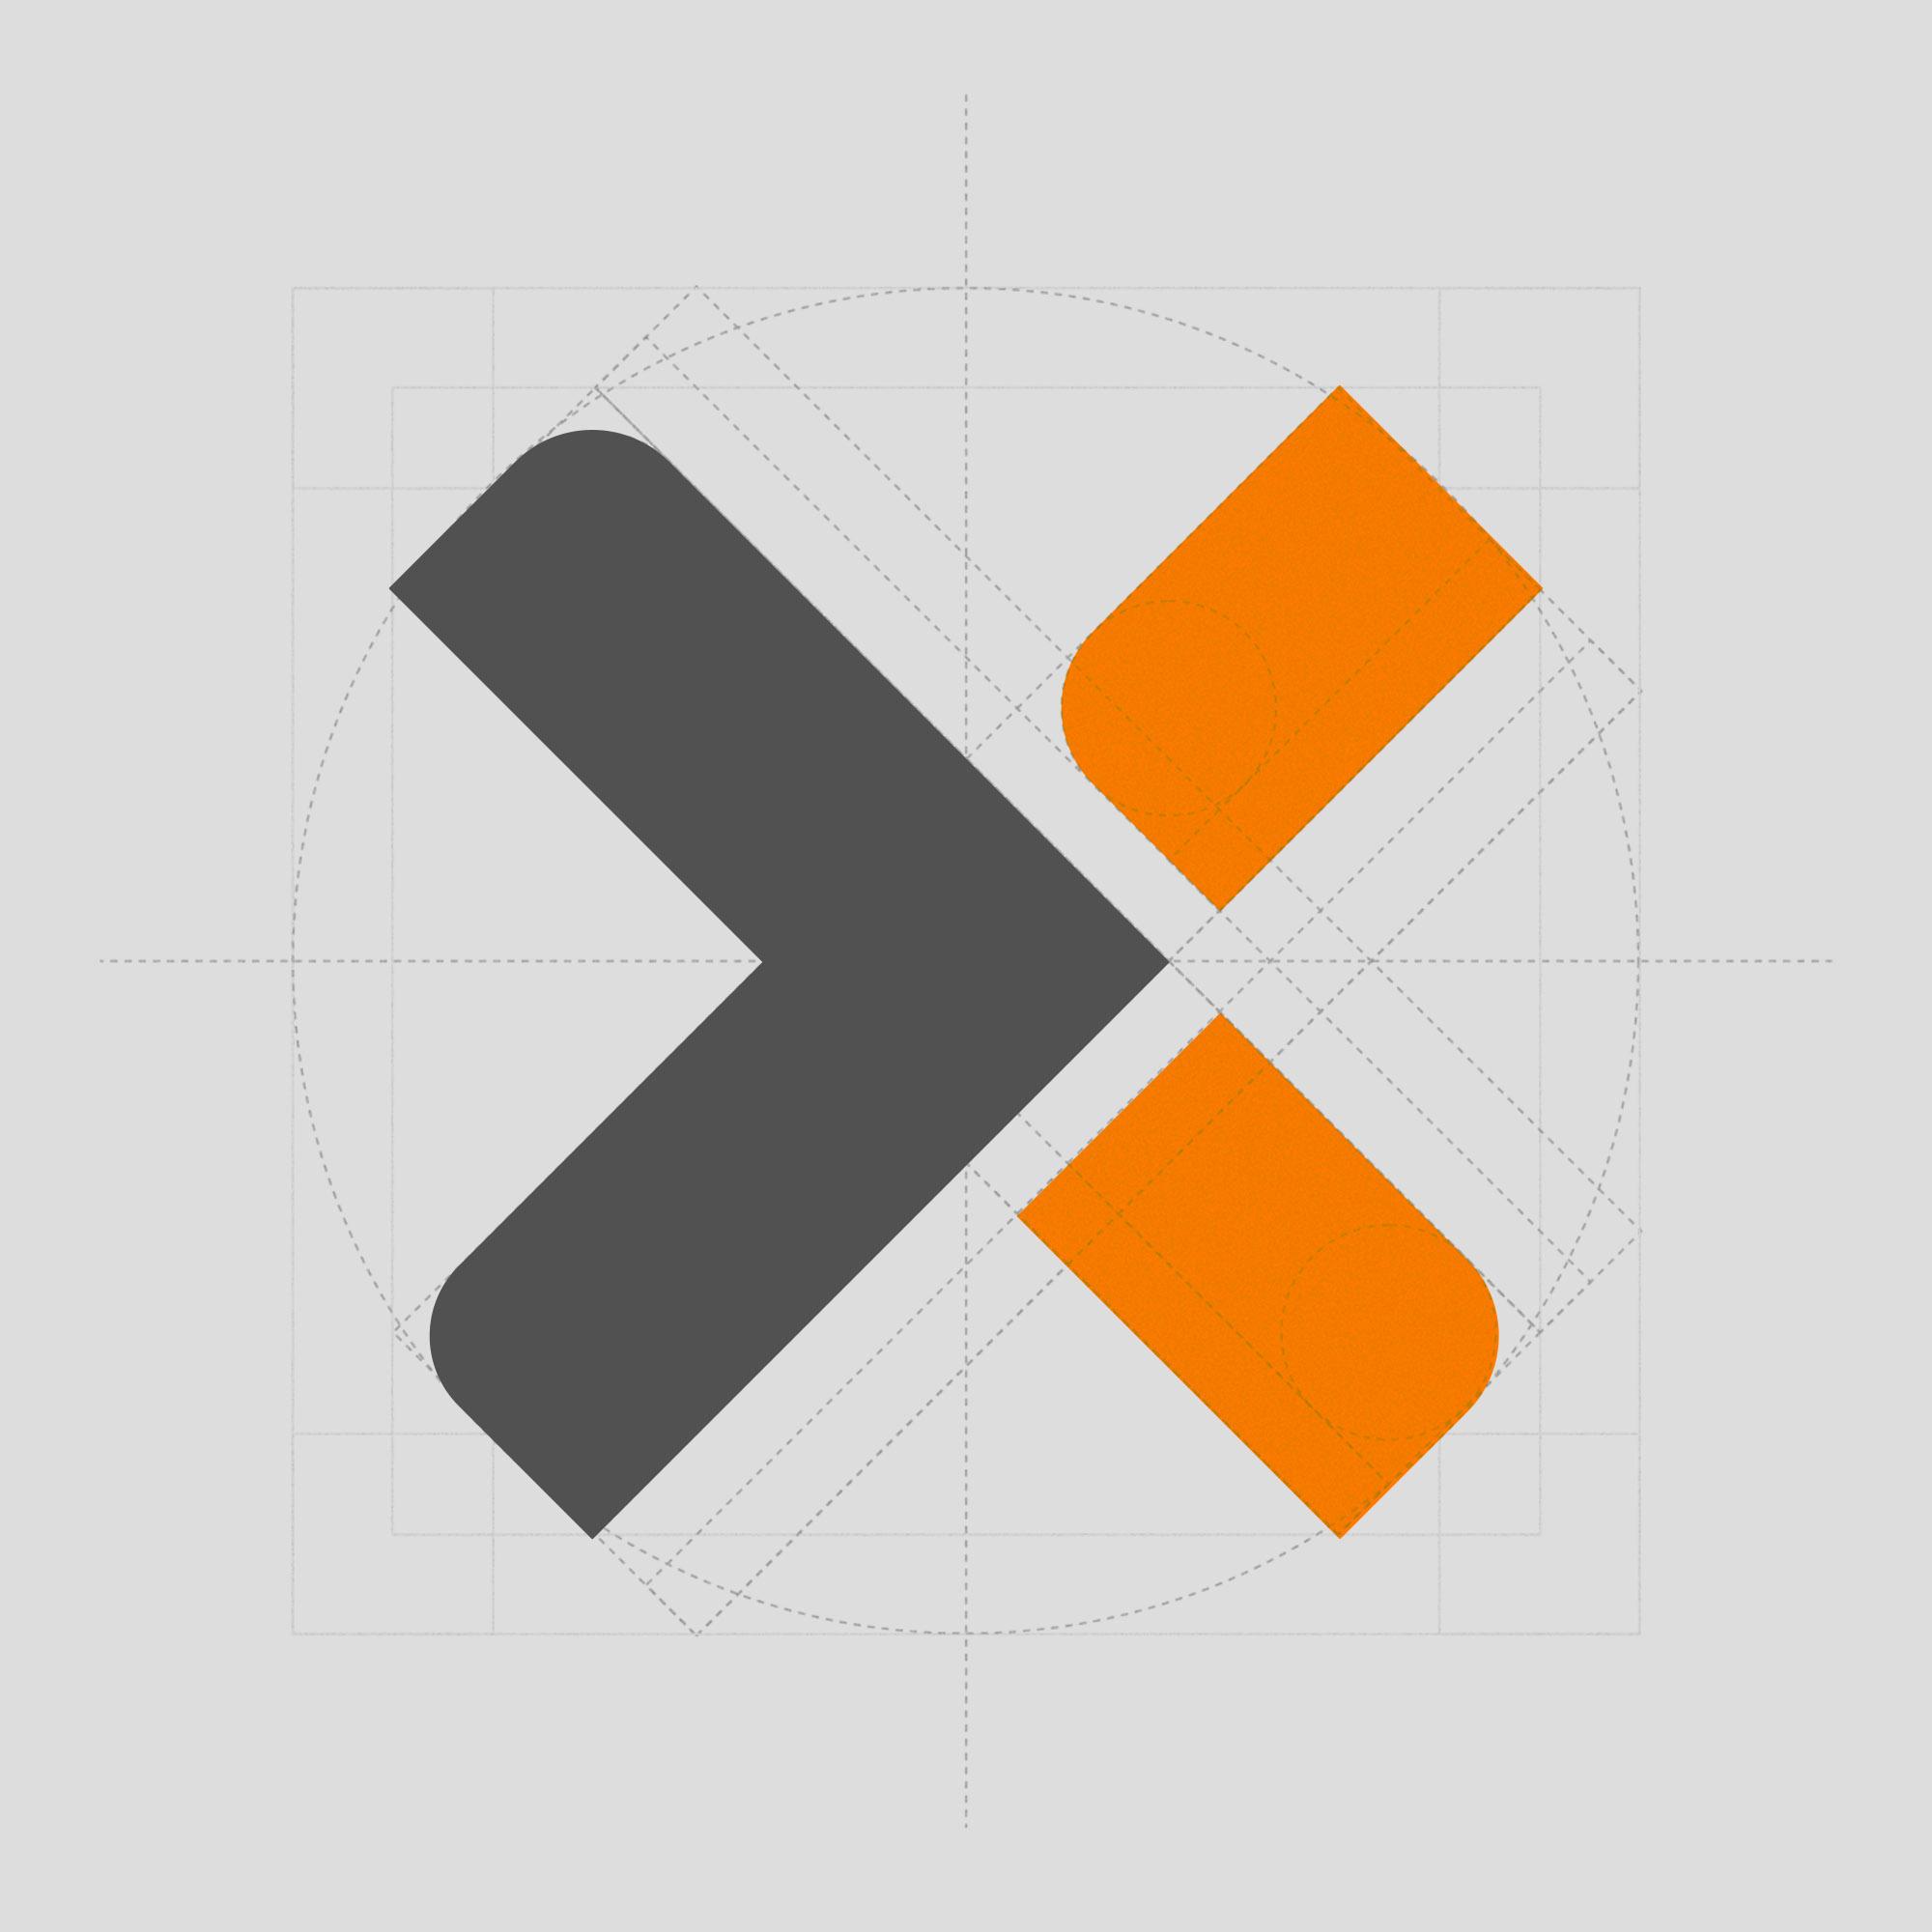 logo design, identyfikacja marki, branding, brand book, znak graficzny, logo firmy, ci, grid